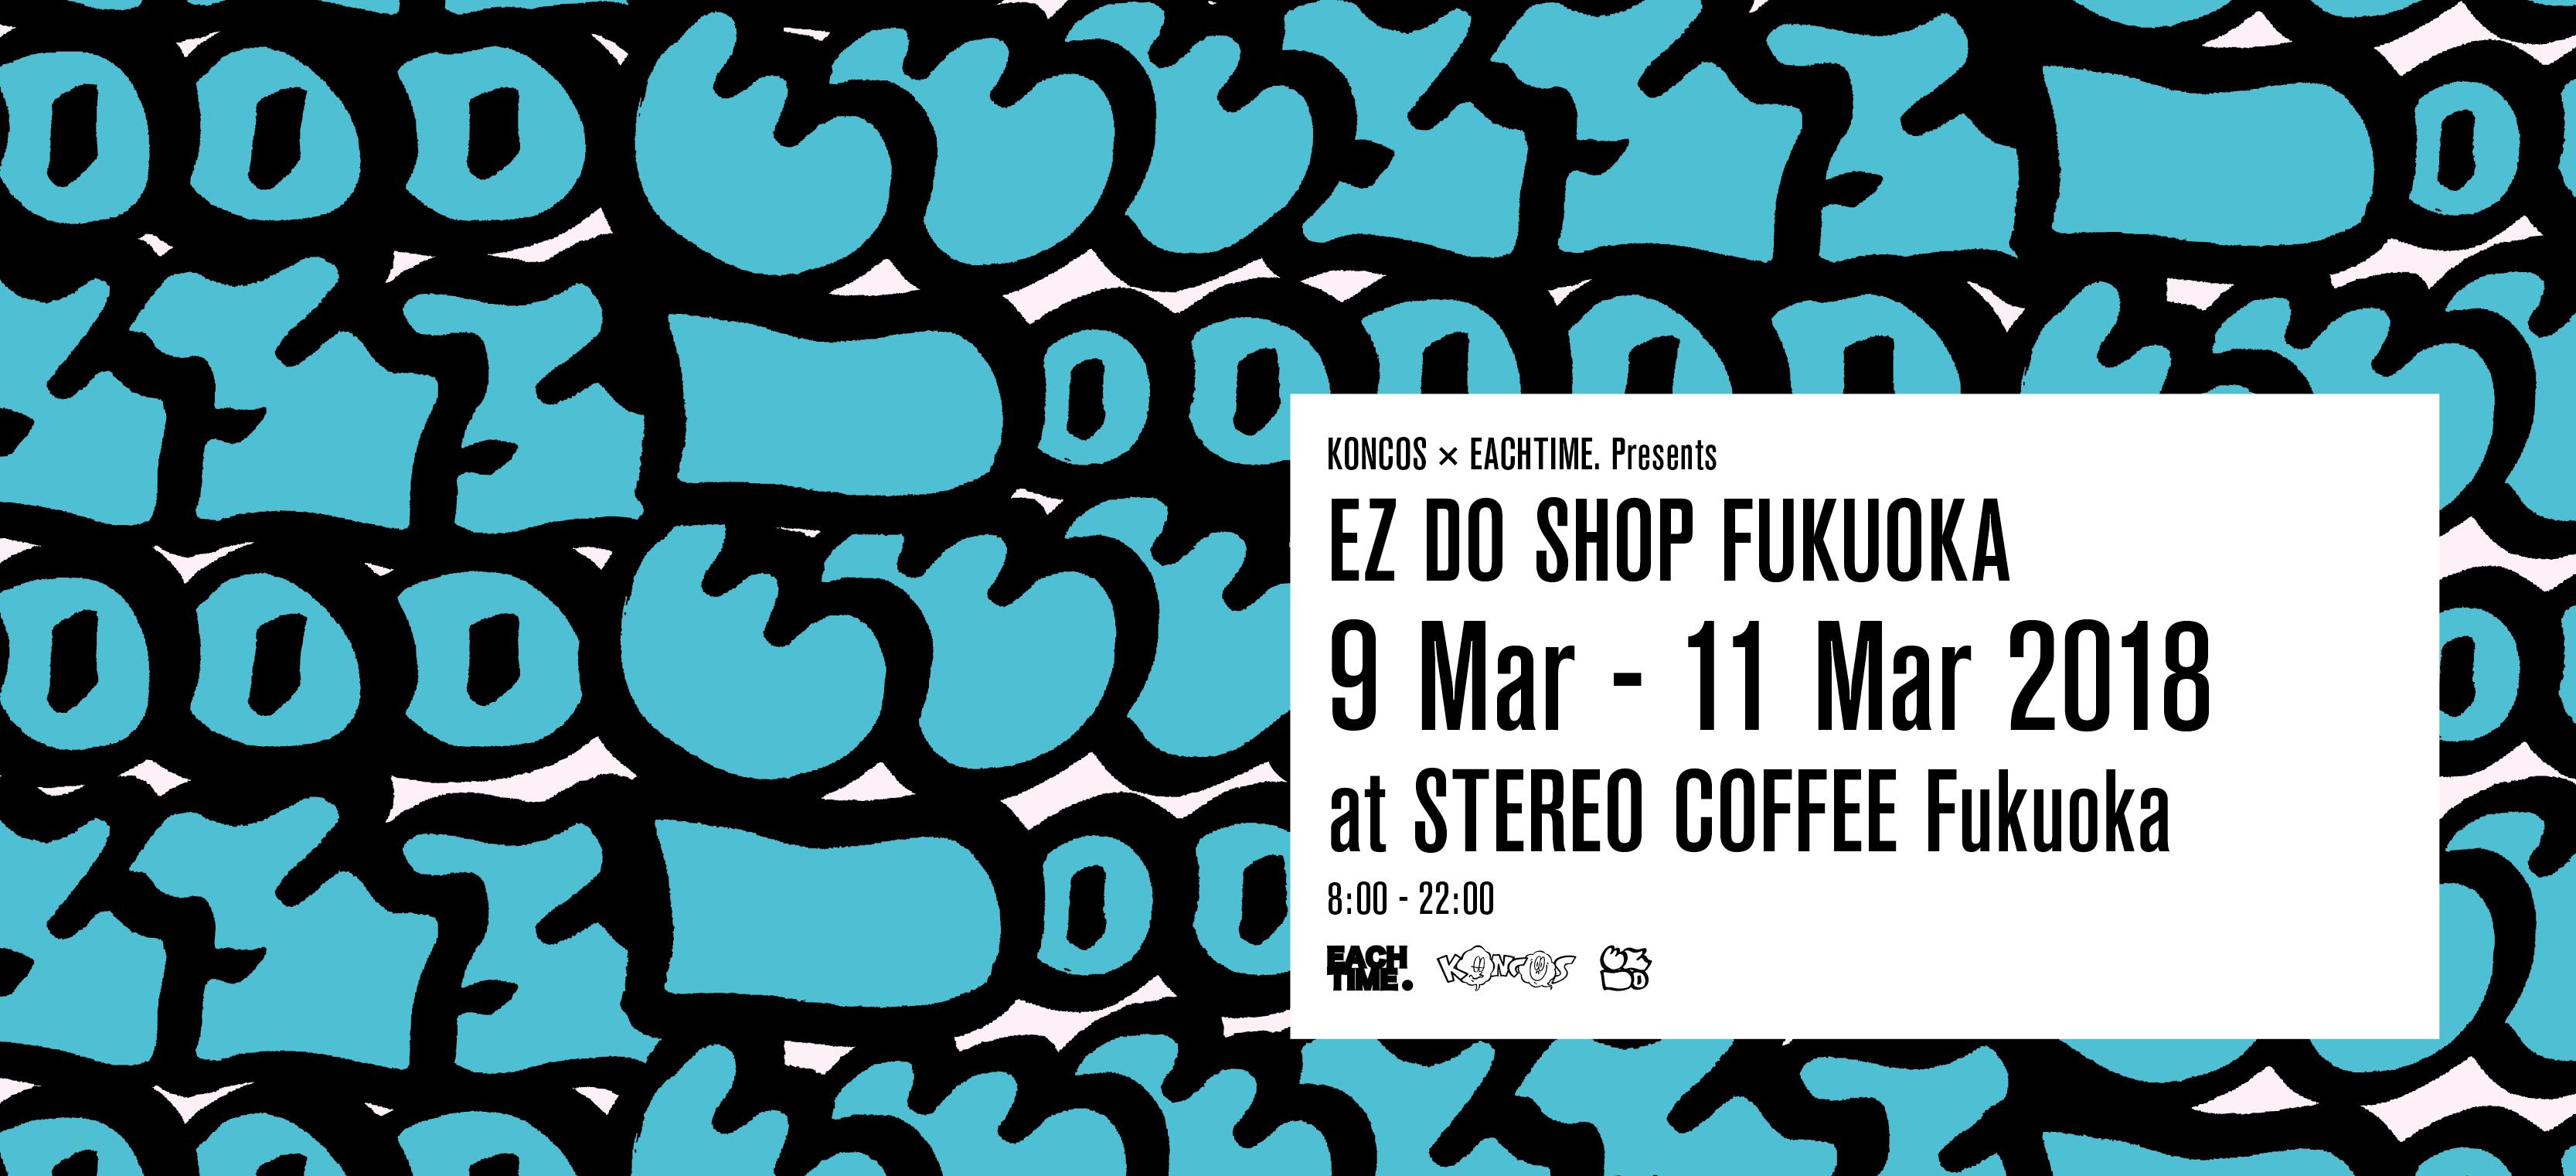 EZ DO SHOP 2018 FUKUOKA